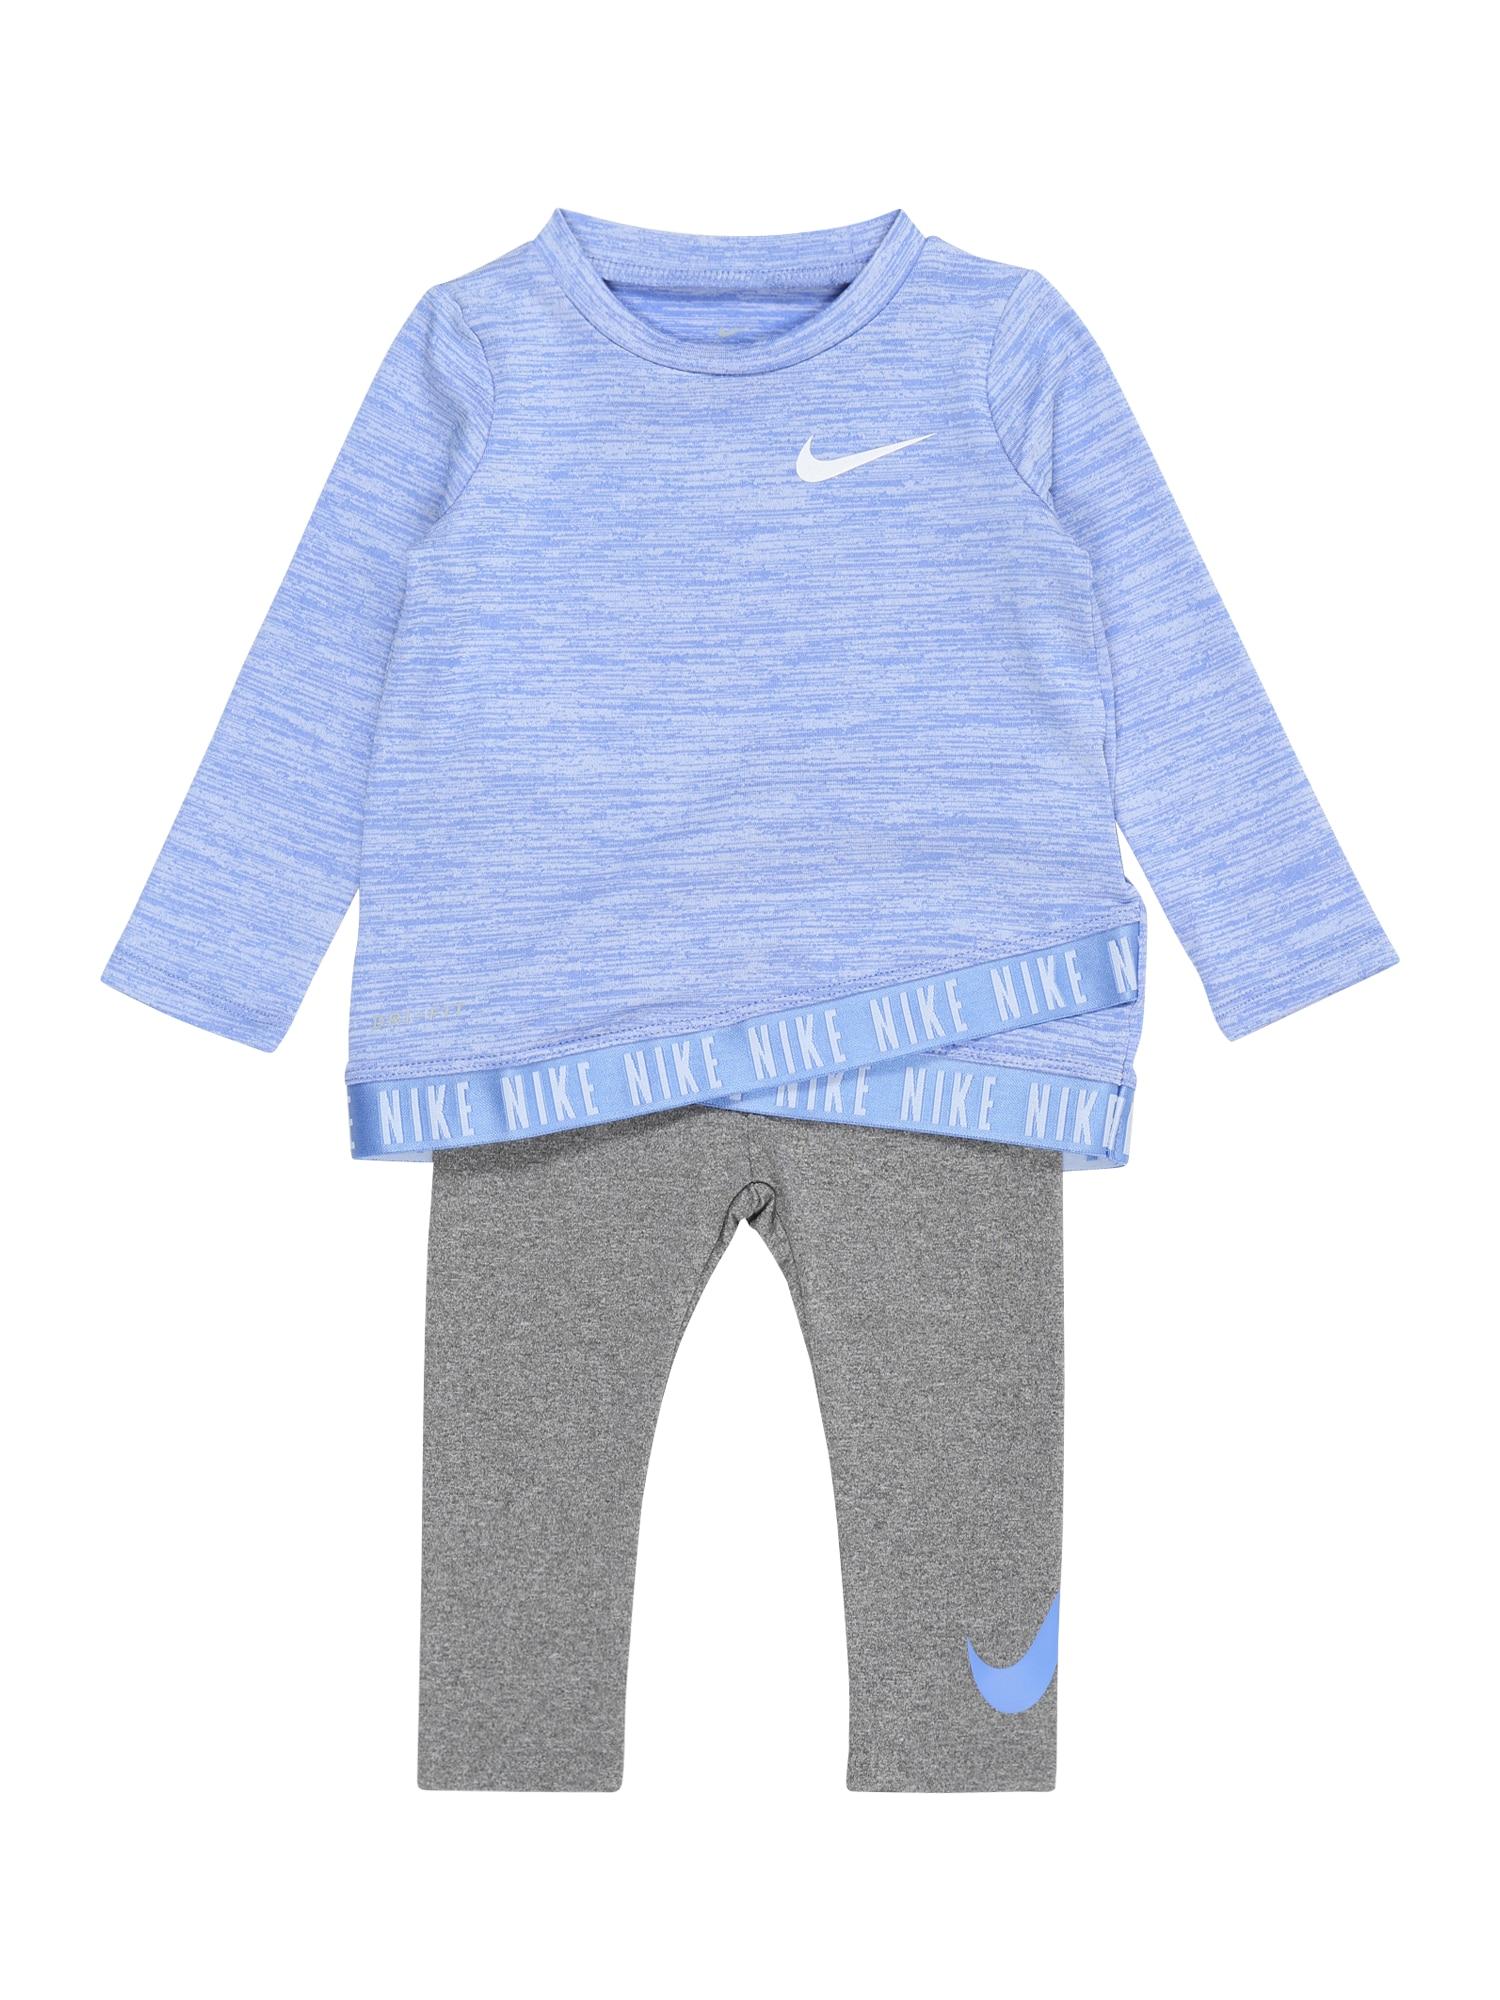 NIKE Sportinis kostiumas margai pilka / šviesiai mėlyna